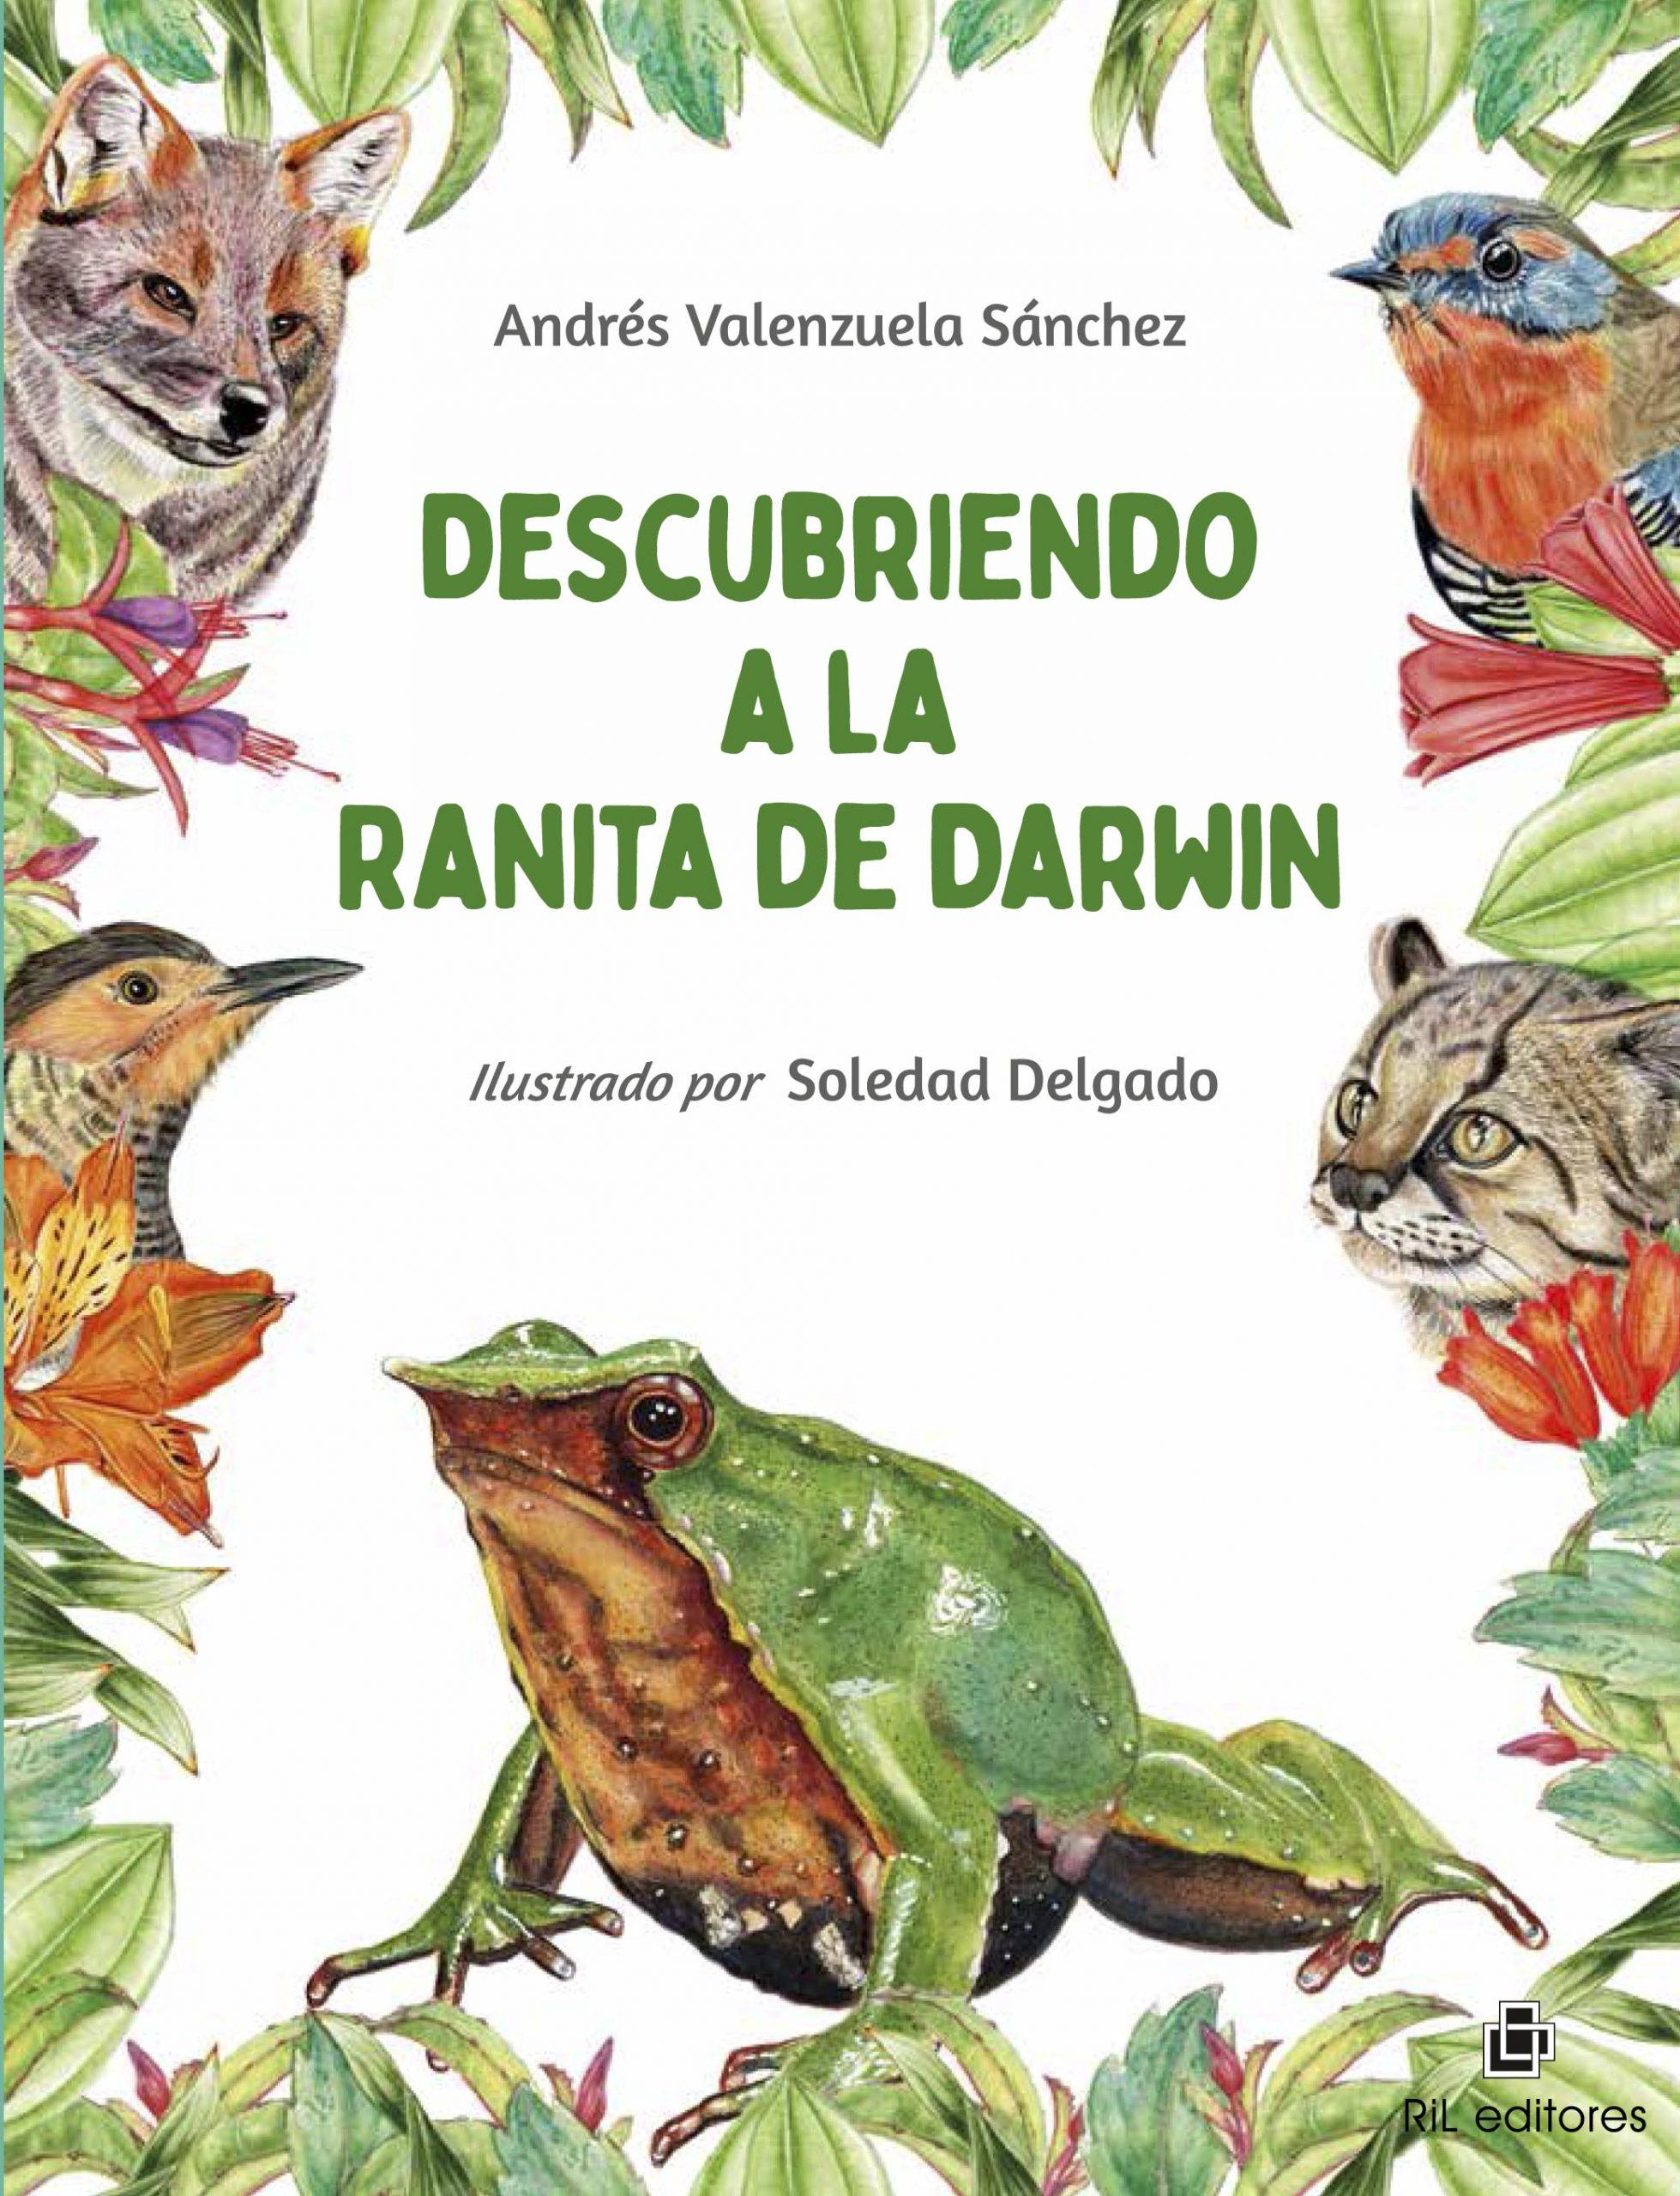 9789560108586 - Valenzuela, Andrés - 2021 - Descubriendo a la ranita de Darwin-1